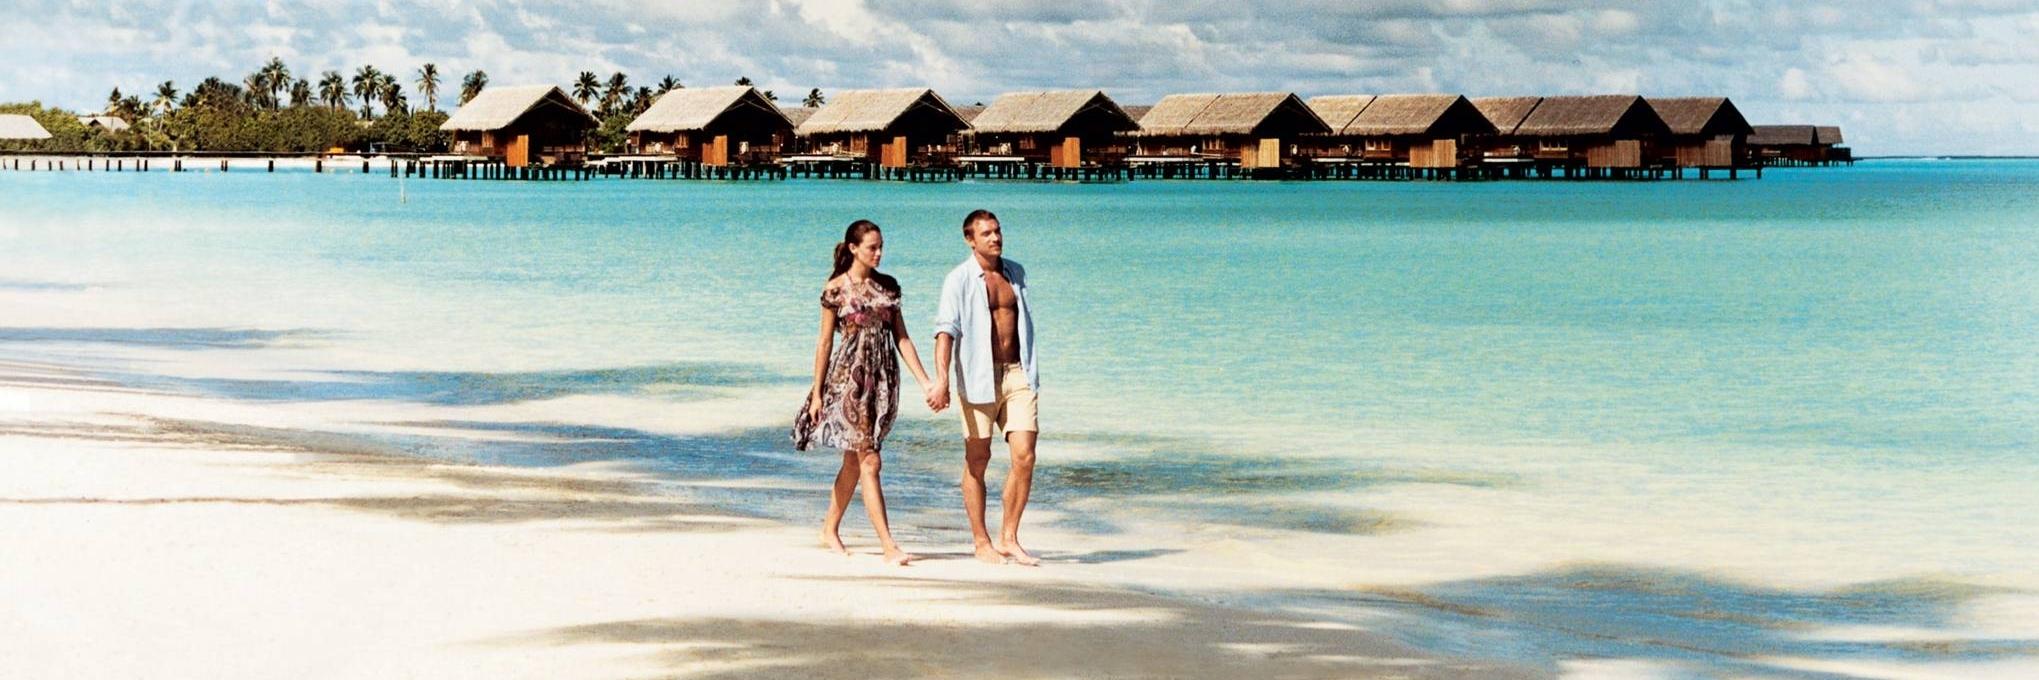 https://gody.vn/blog/hanguyen23413/post/kinh-nghiem-du-lich-maldives-chuan-bi-tat-tan-tat-an-gi-o-dau-tong-cong-cac-khoan-chi-phi-cho-chuyen-di-7-ngay-6-dem-4133